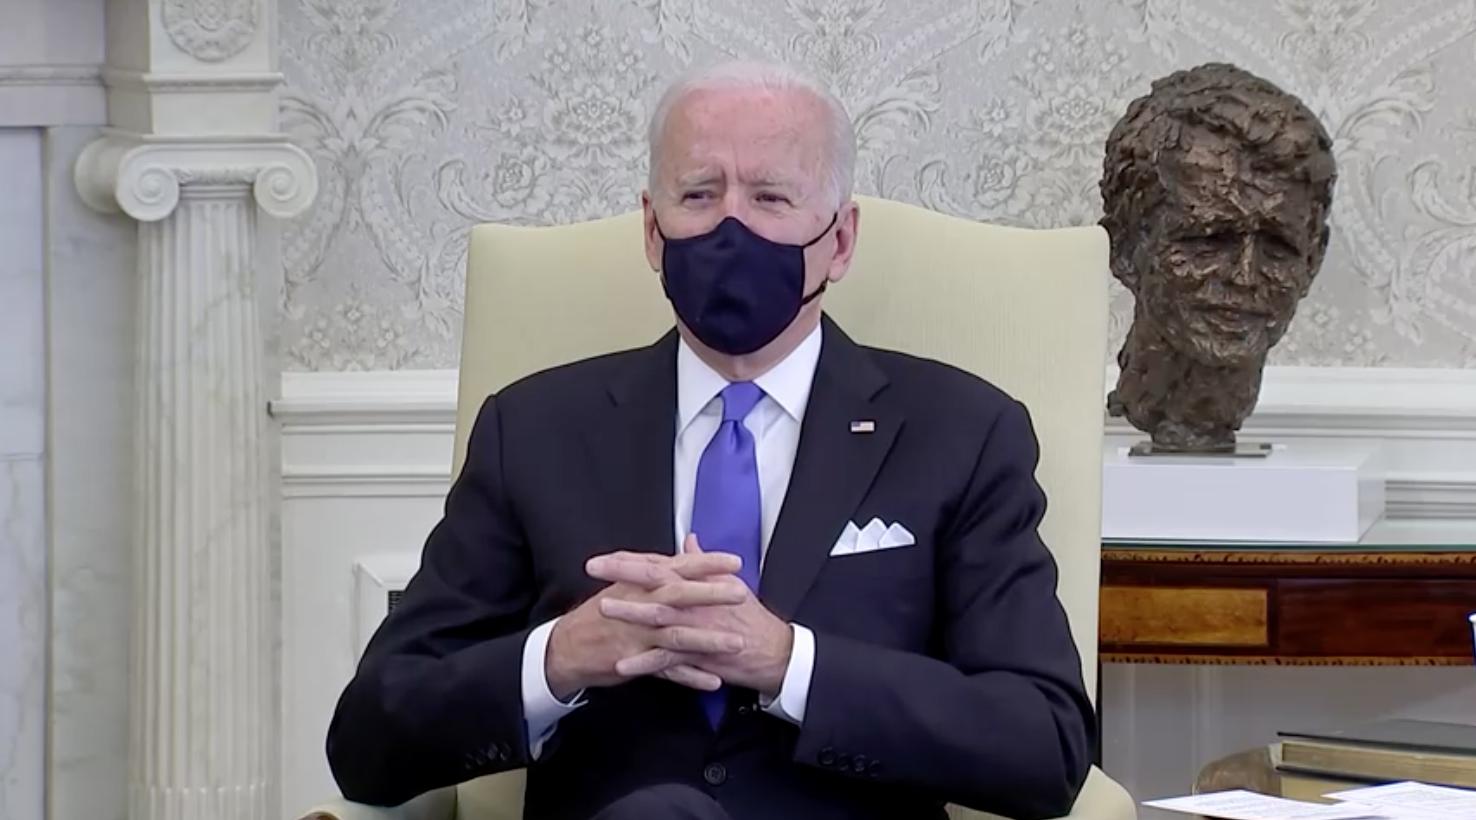 Tổng Thống Biden hủy cuộc không kích Syria thứ 2 vào phút chót sau khi phát hiện dân thường trong khu vực